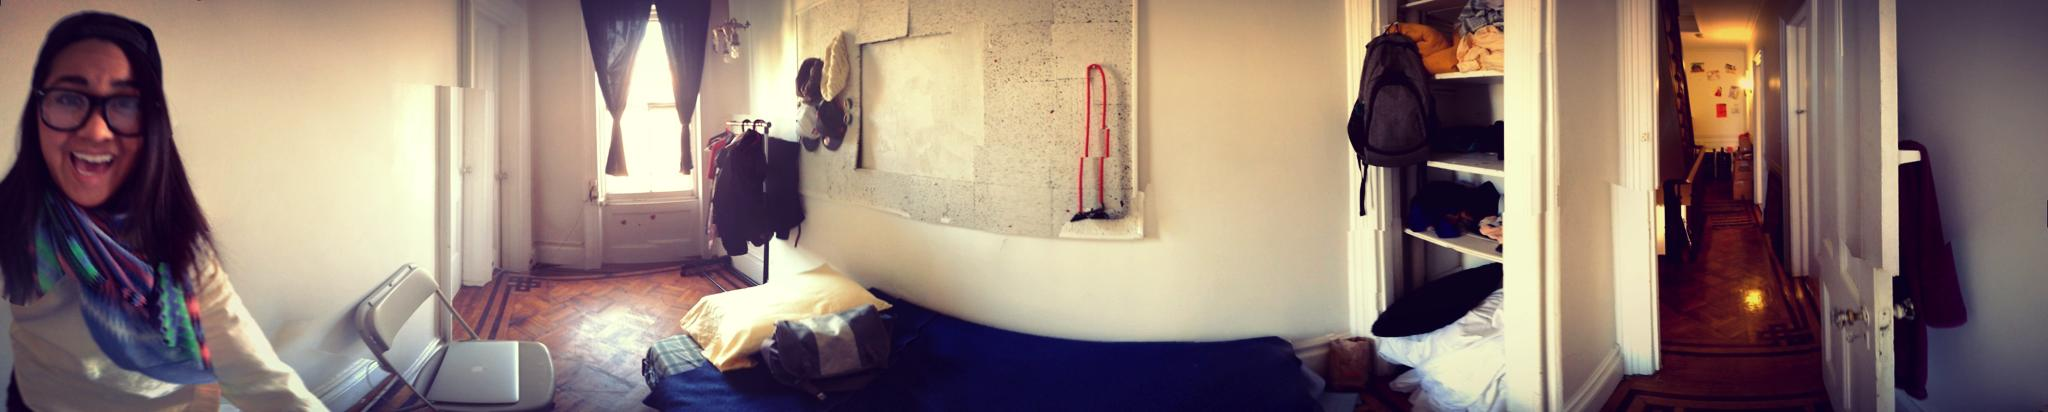 NYC Room Minimalism.jpg